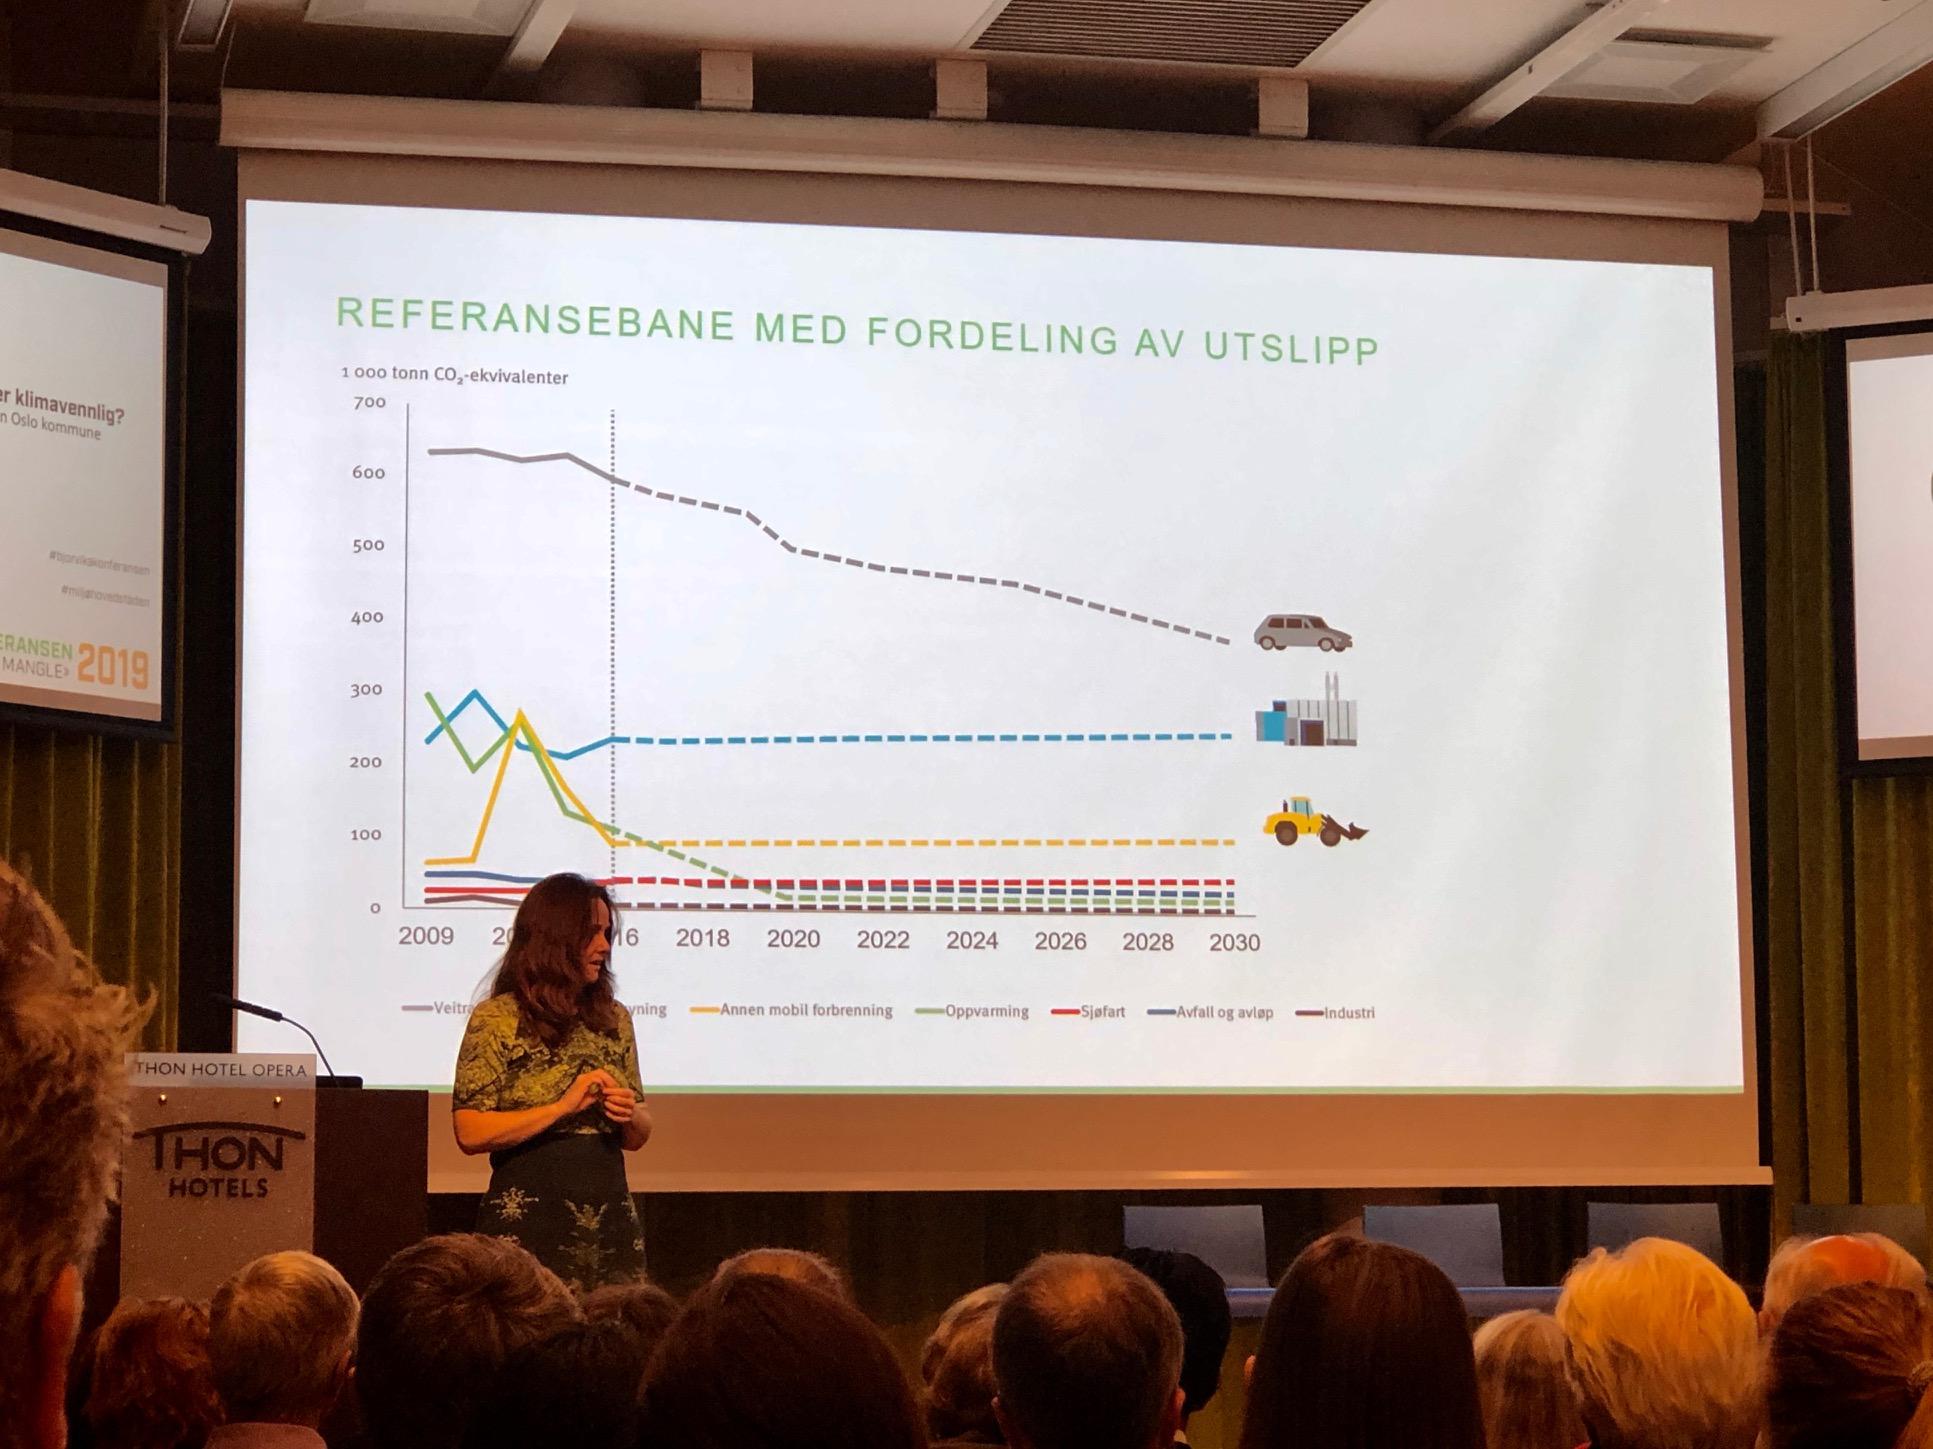 Etter at Byrådsleder Raymond Johansen formelt åpnet konferansen fortsatte Heidi Sørensen, Klimaetaten, men å gi innsikt og innblikk i hvordan vi kan tenke bærekraft, og hvorfor det er viktig for byen. Hun bekreftet også at dette nå i stor grad er et tema som også utbyggerne er svært opptatt av. Det var også fokus på nullutslipp fra transportsektoren, noe aktører som IKEA, Aspelin Ramm, Schenker, Ruter og flere jobber nå aktivt for å kutte i utslipp for varetransport.